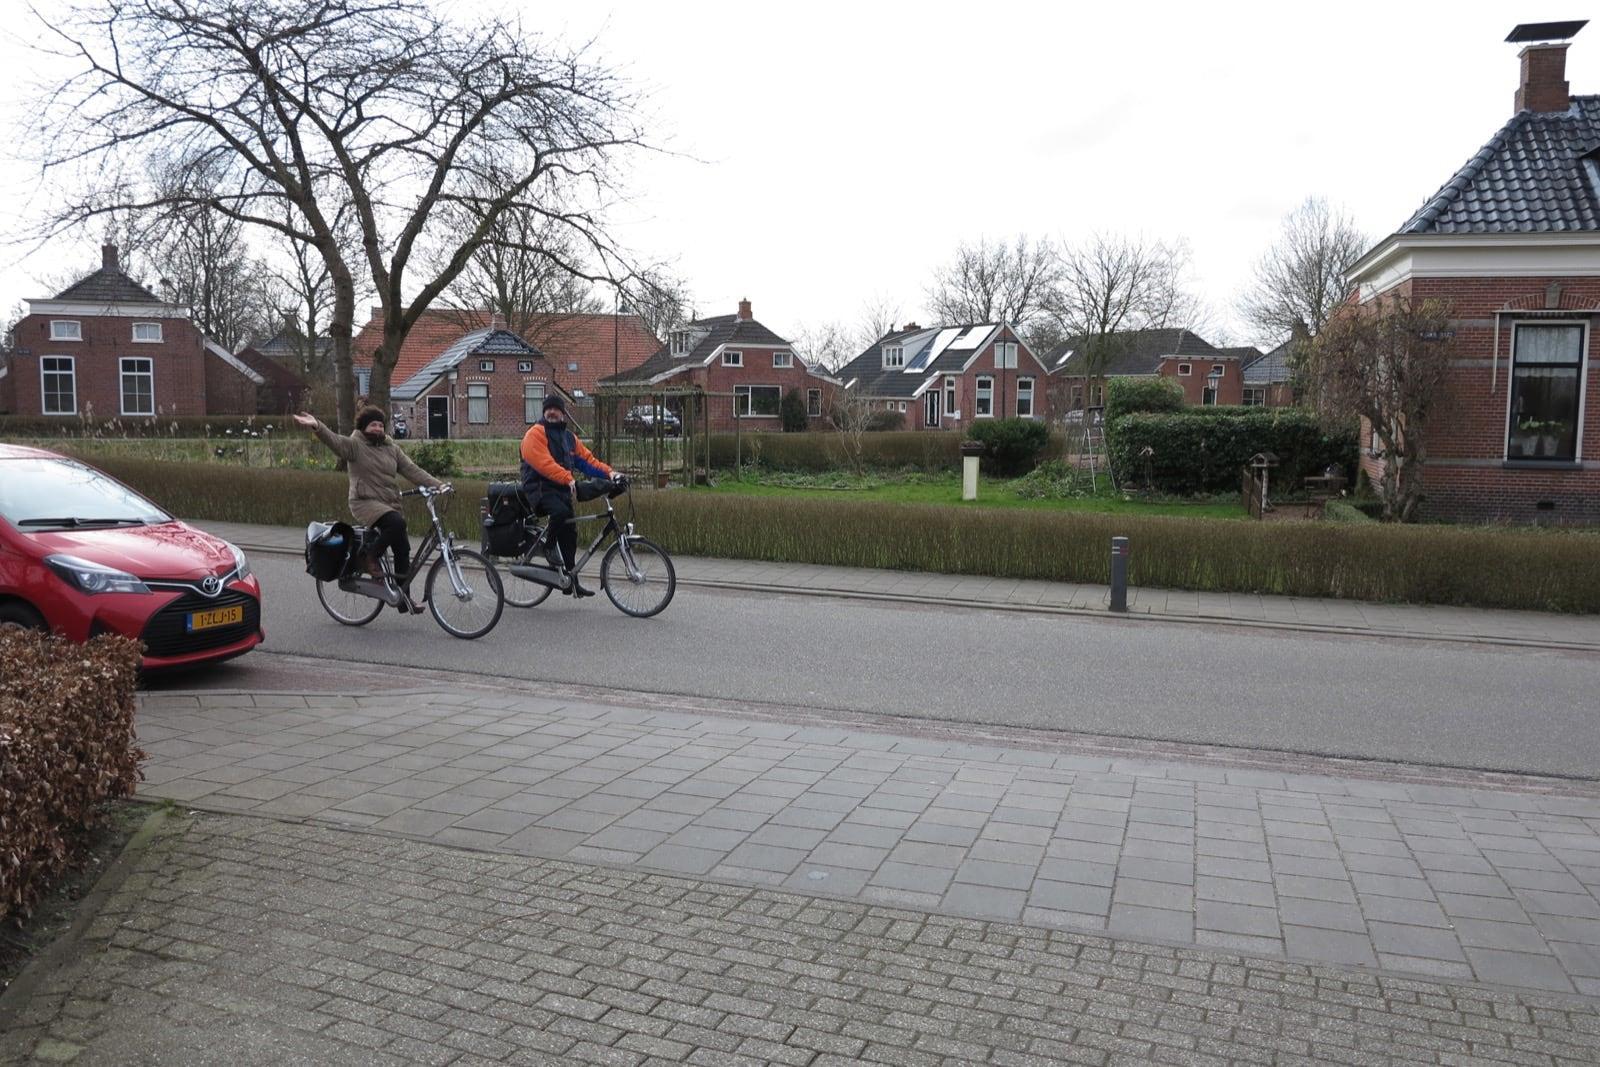 et-fiets-en-fietser-21-clara-van-zanten-oi.jpg